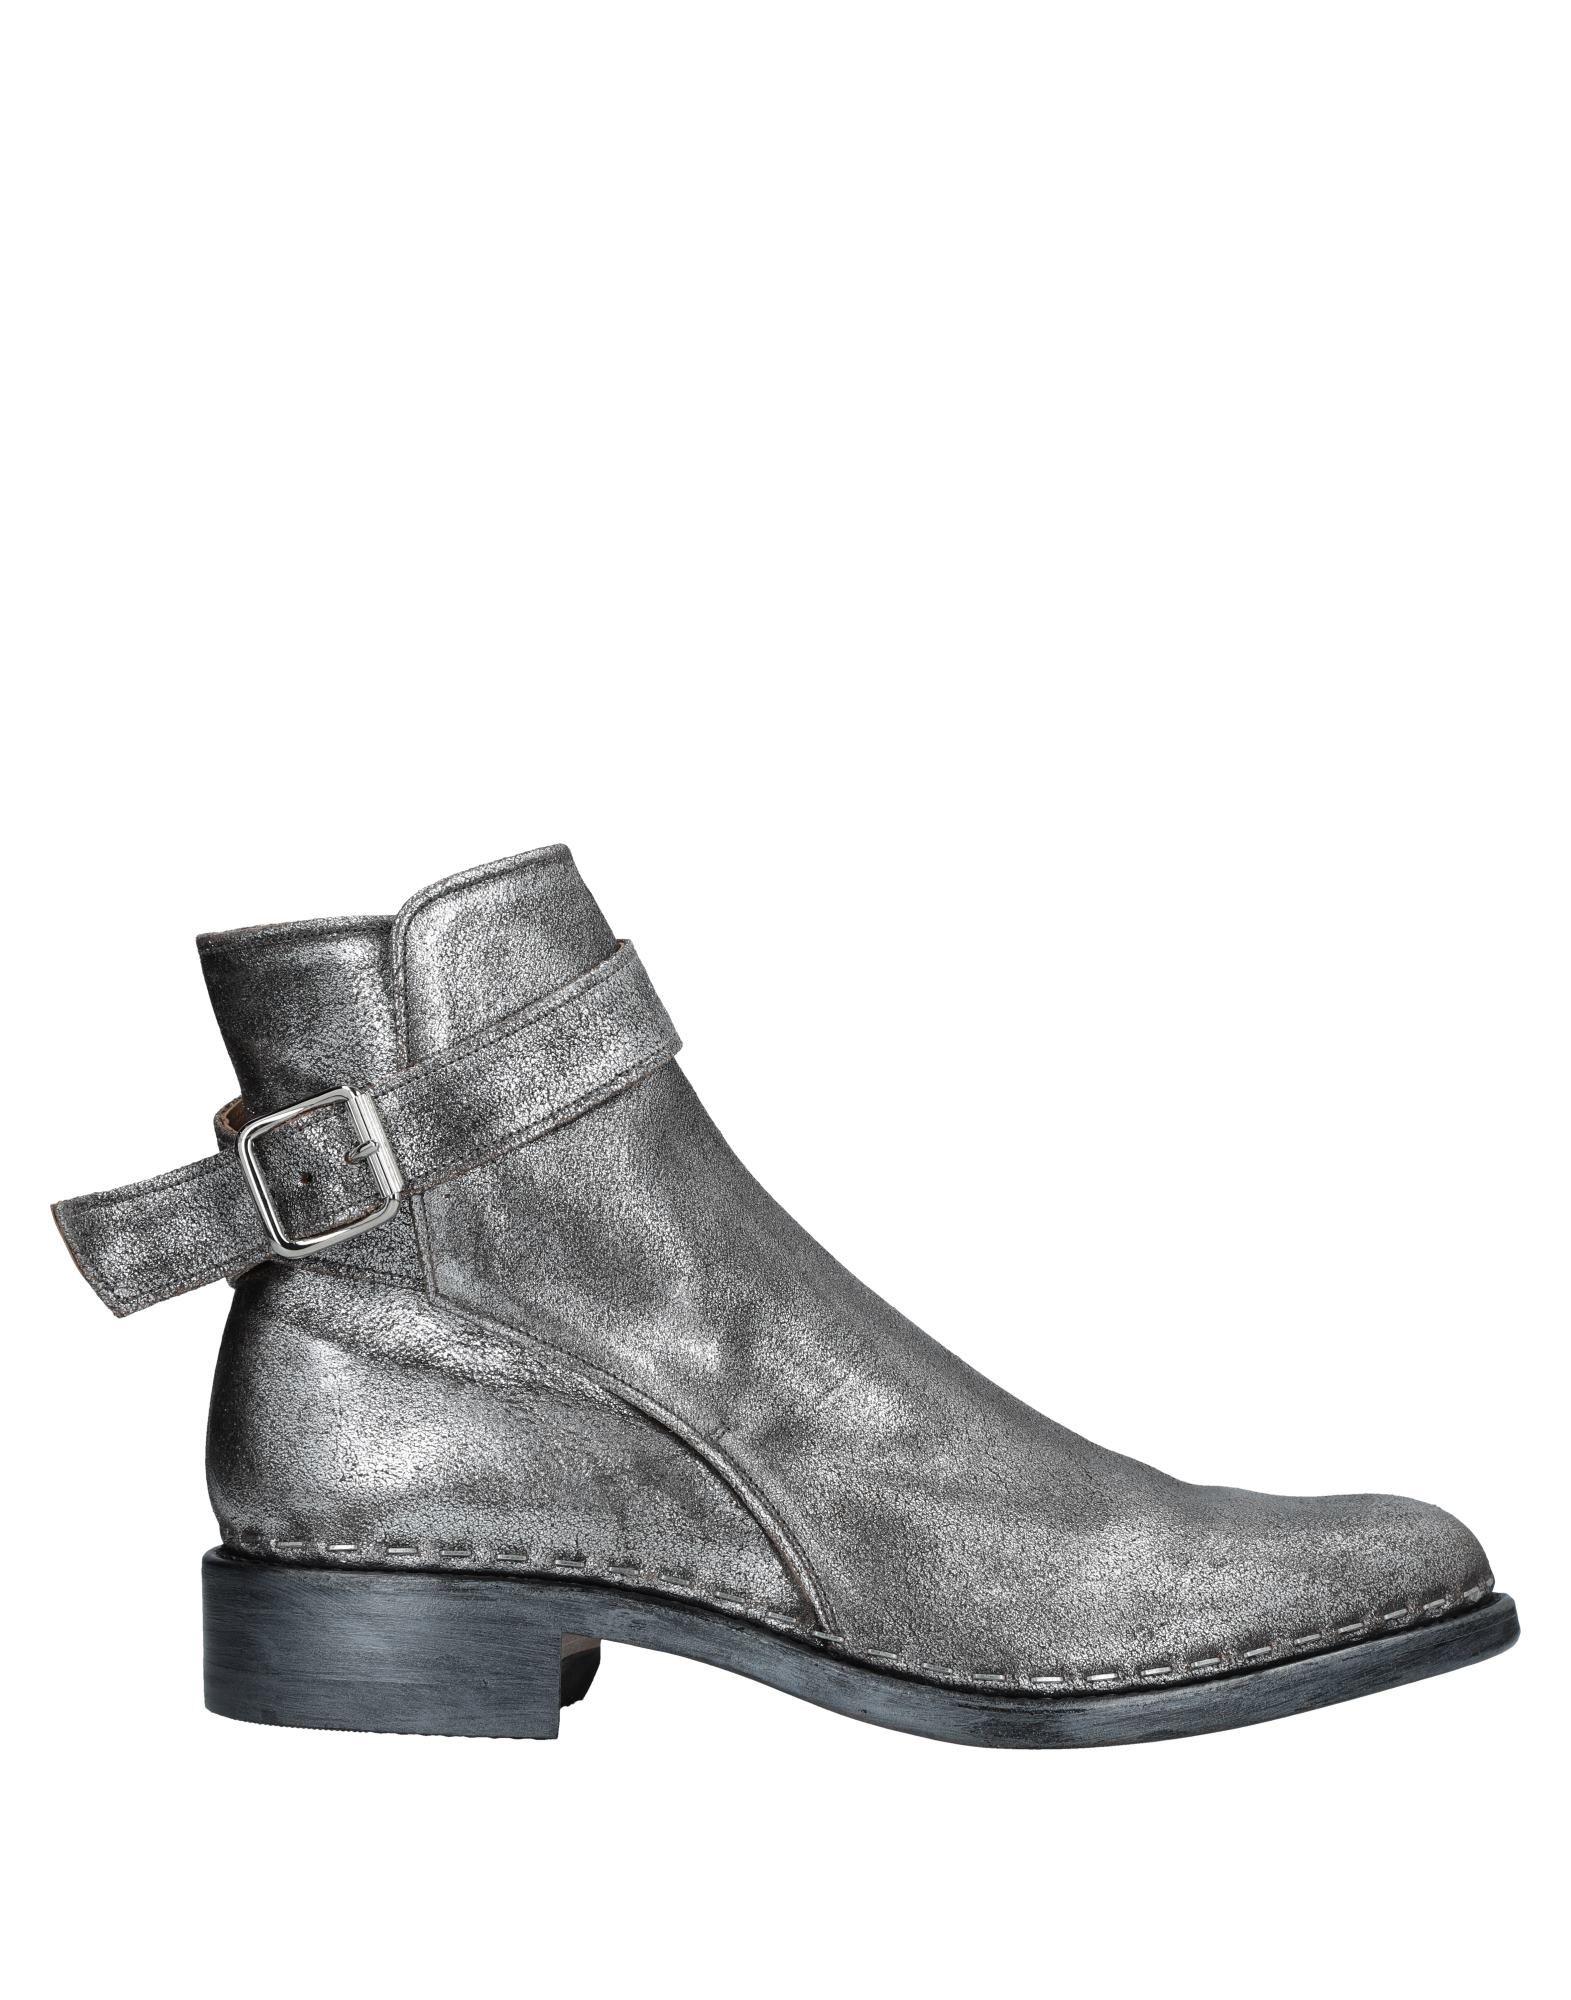 Premiata Stiefelette Herren  11531143VP Gute Qualität beliebte Schuhe